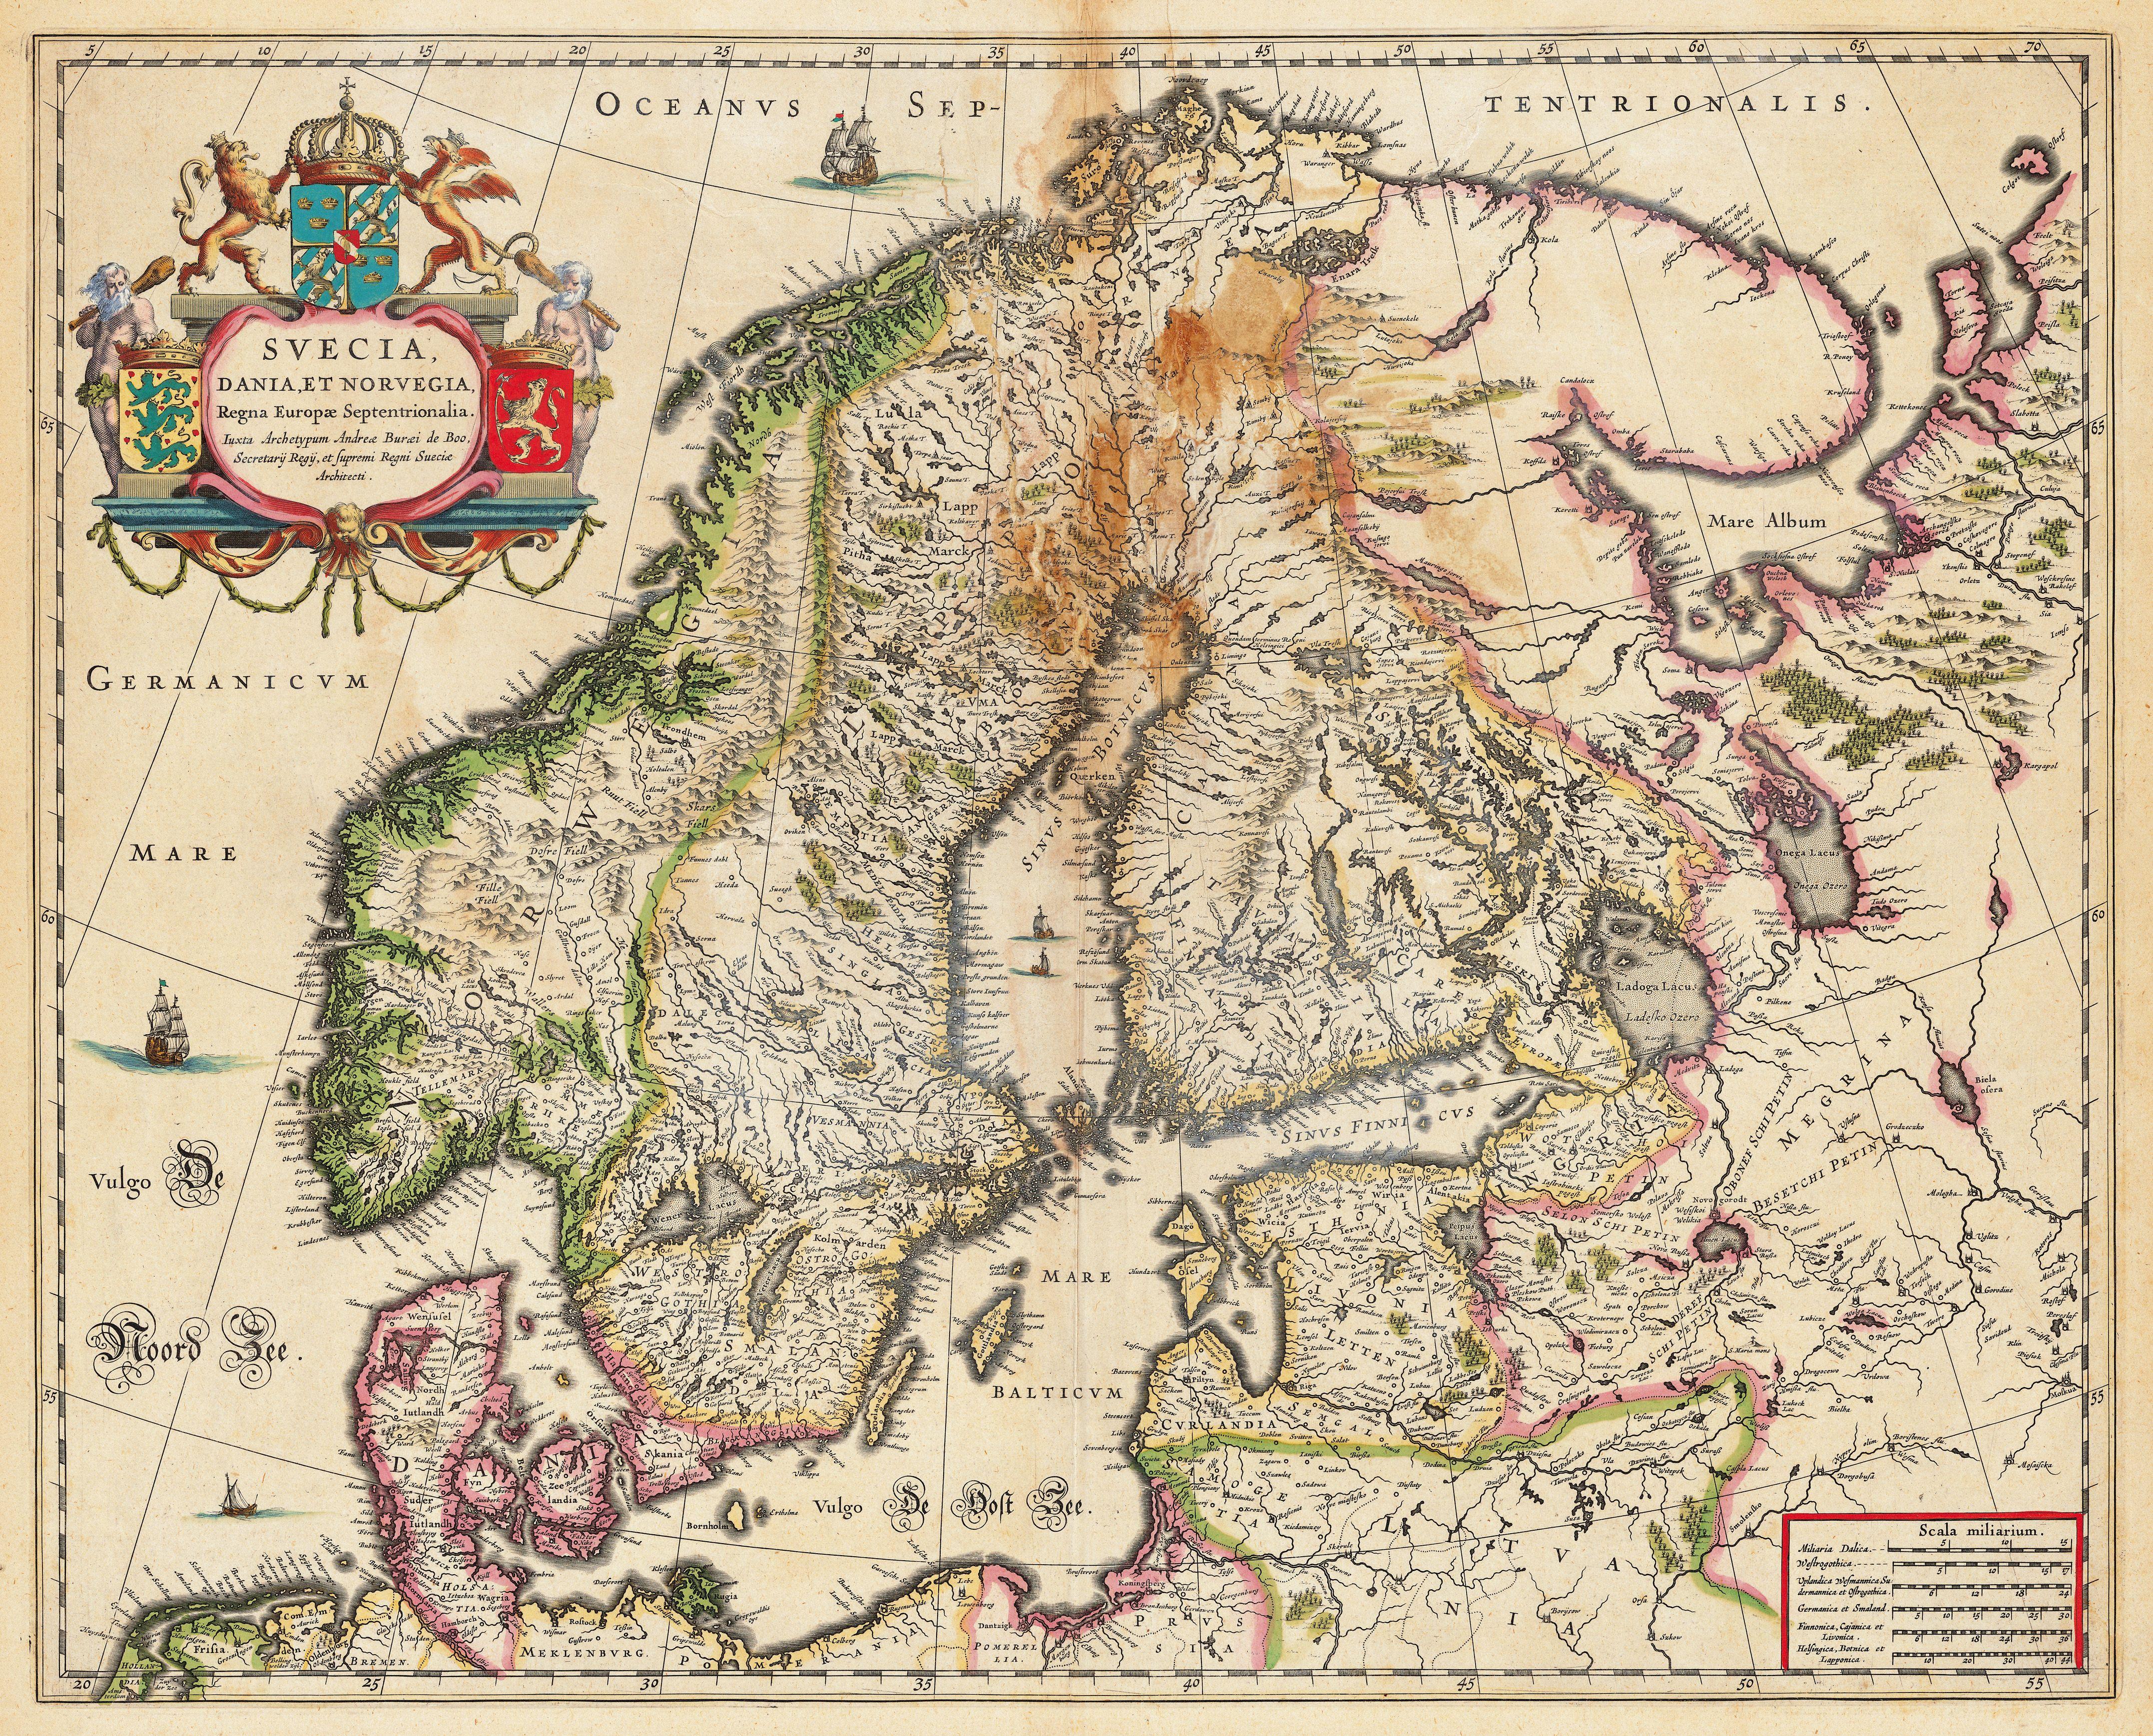 Svecia Dania Et Norvegia Anders Bure Th Century Map - 17th century world map